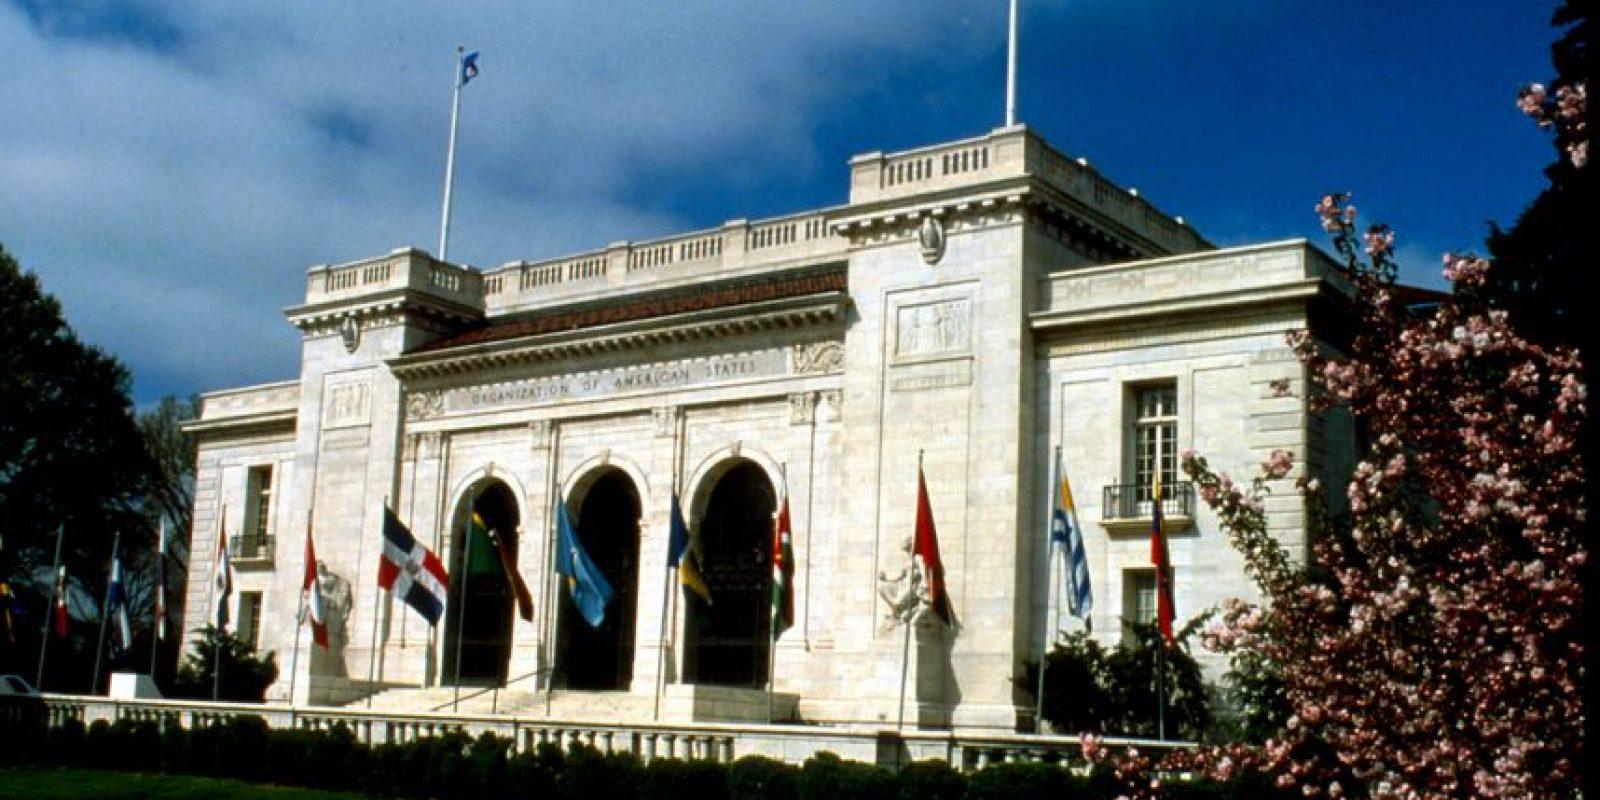 La CIDH es un órgano principal y autónomo de la Organización de los Estados Americanos (OEA) encargado de la promoción y protección de los derechos humanos en el continente americano. Foto:Vía www.oas.org